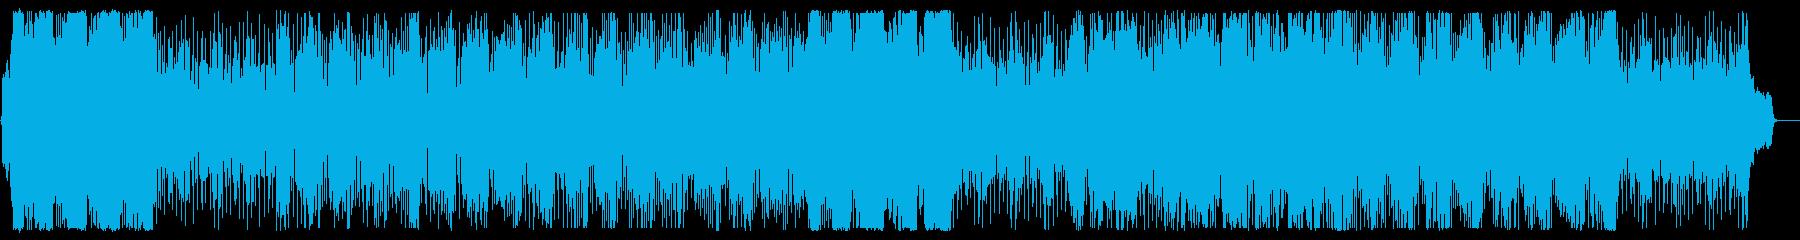 晴れやかで壮大なメロディーの再生済みの波形